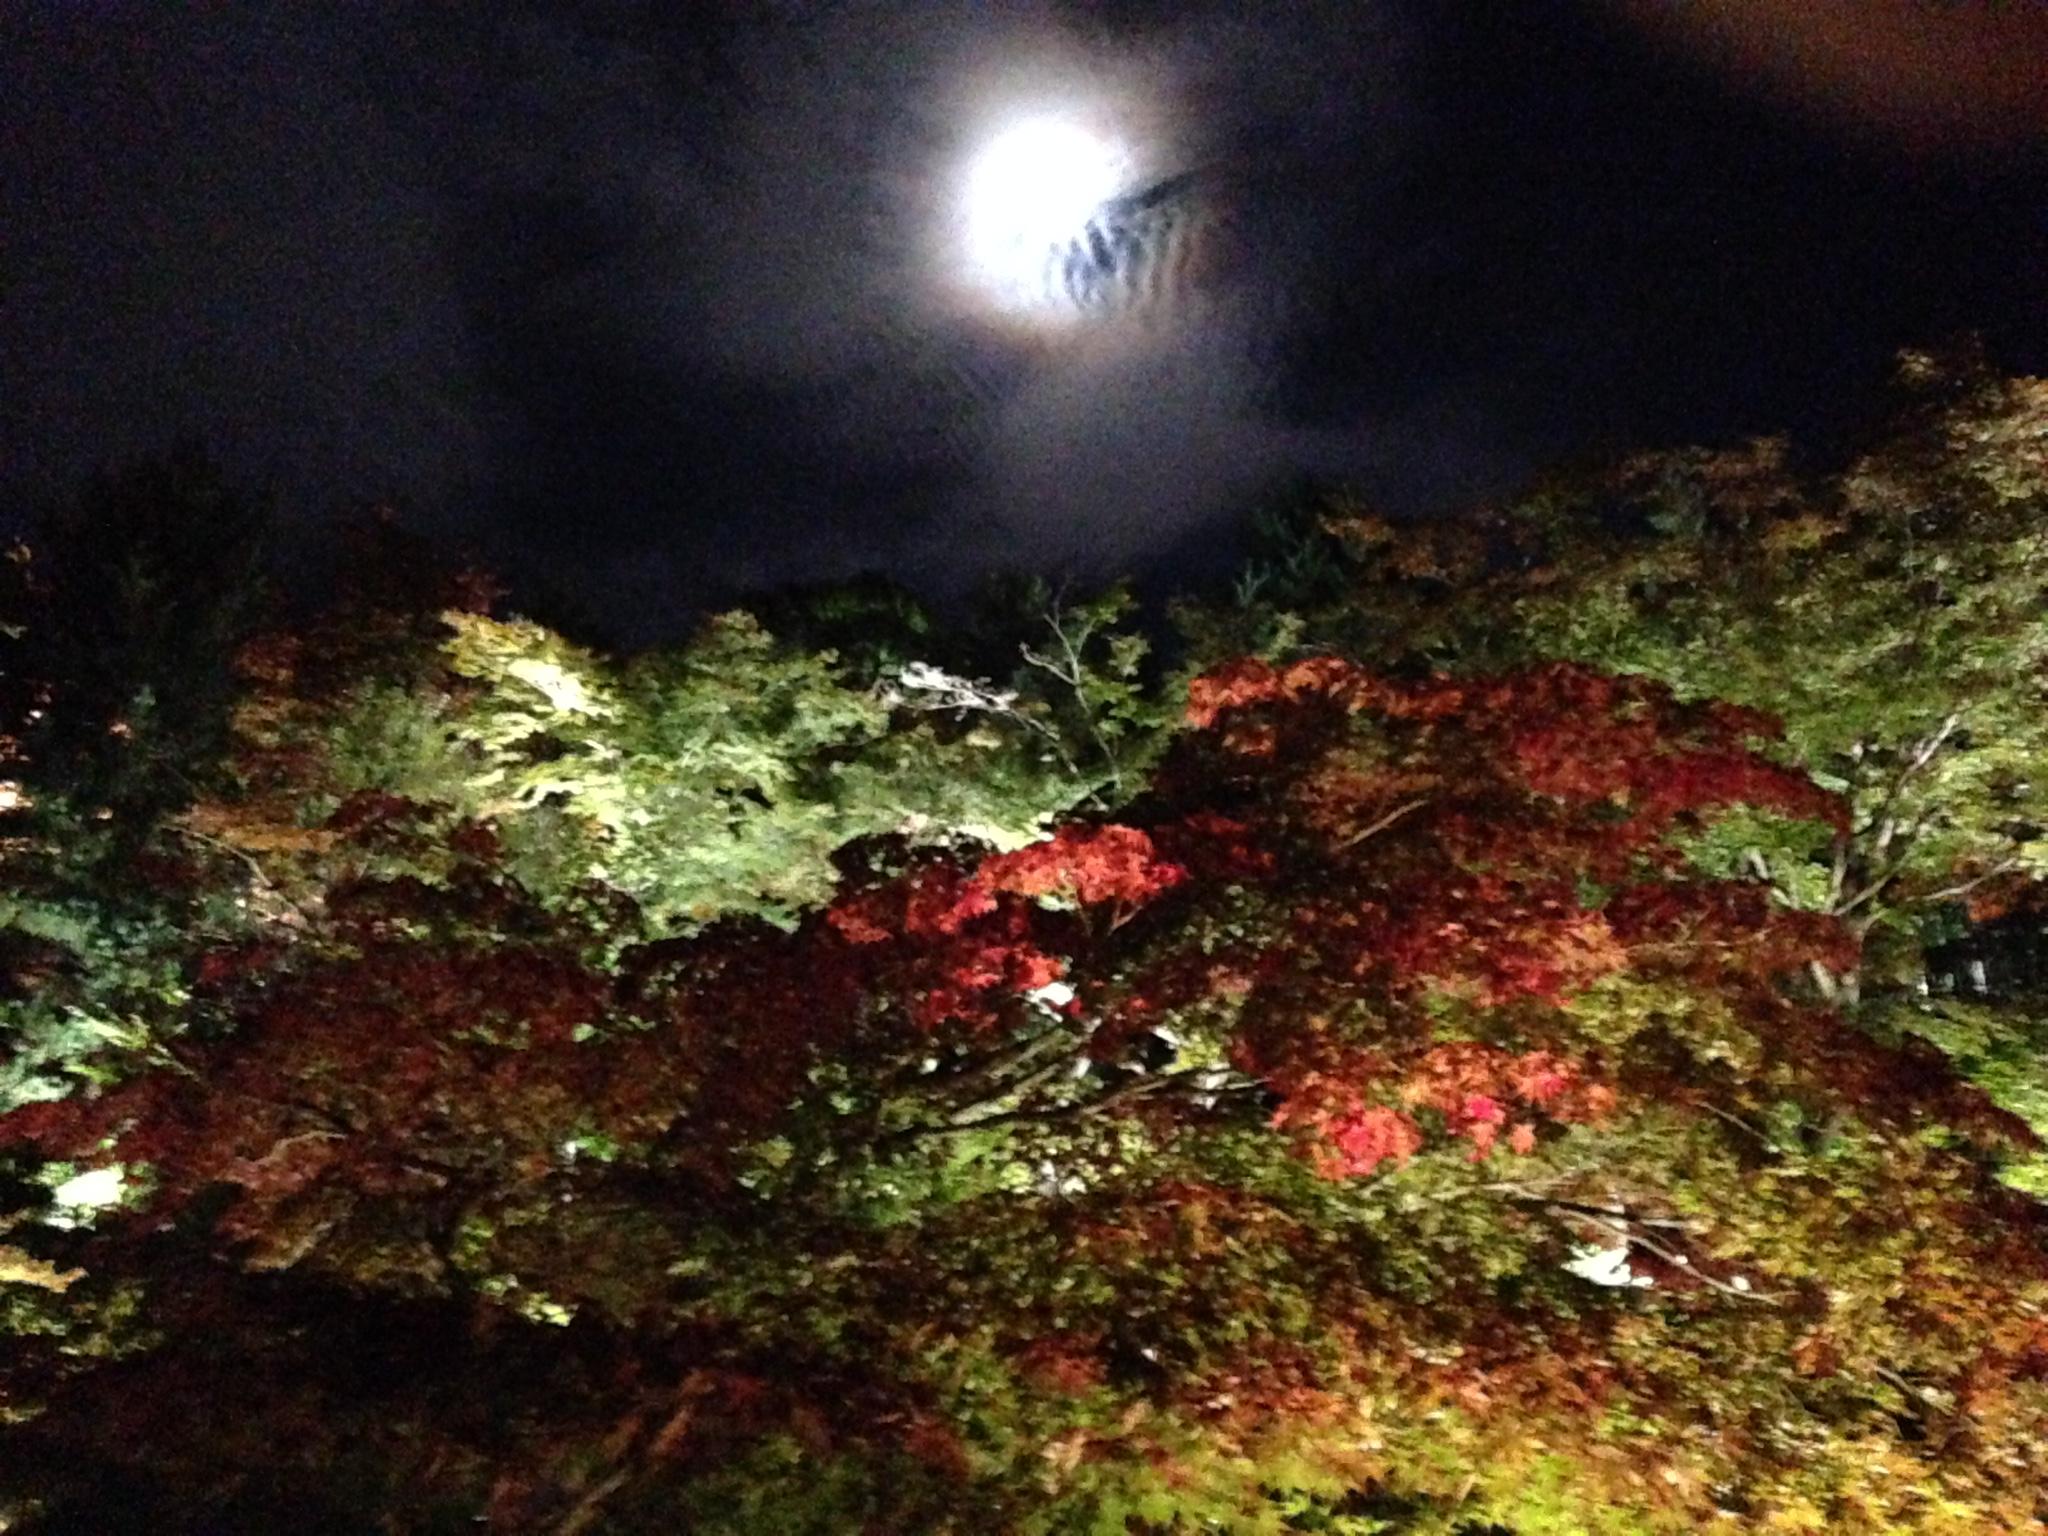 高台寺のライトアップin2015!!臥龍地が鏡かと思った